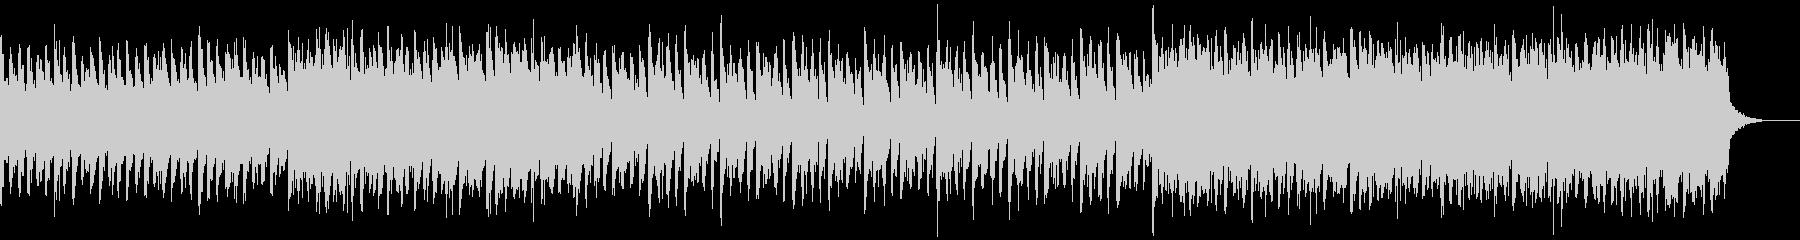 Piano House 1の未再生の波形